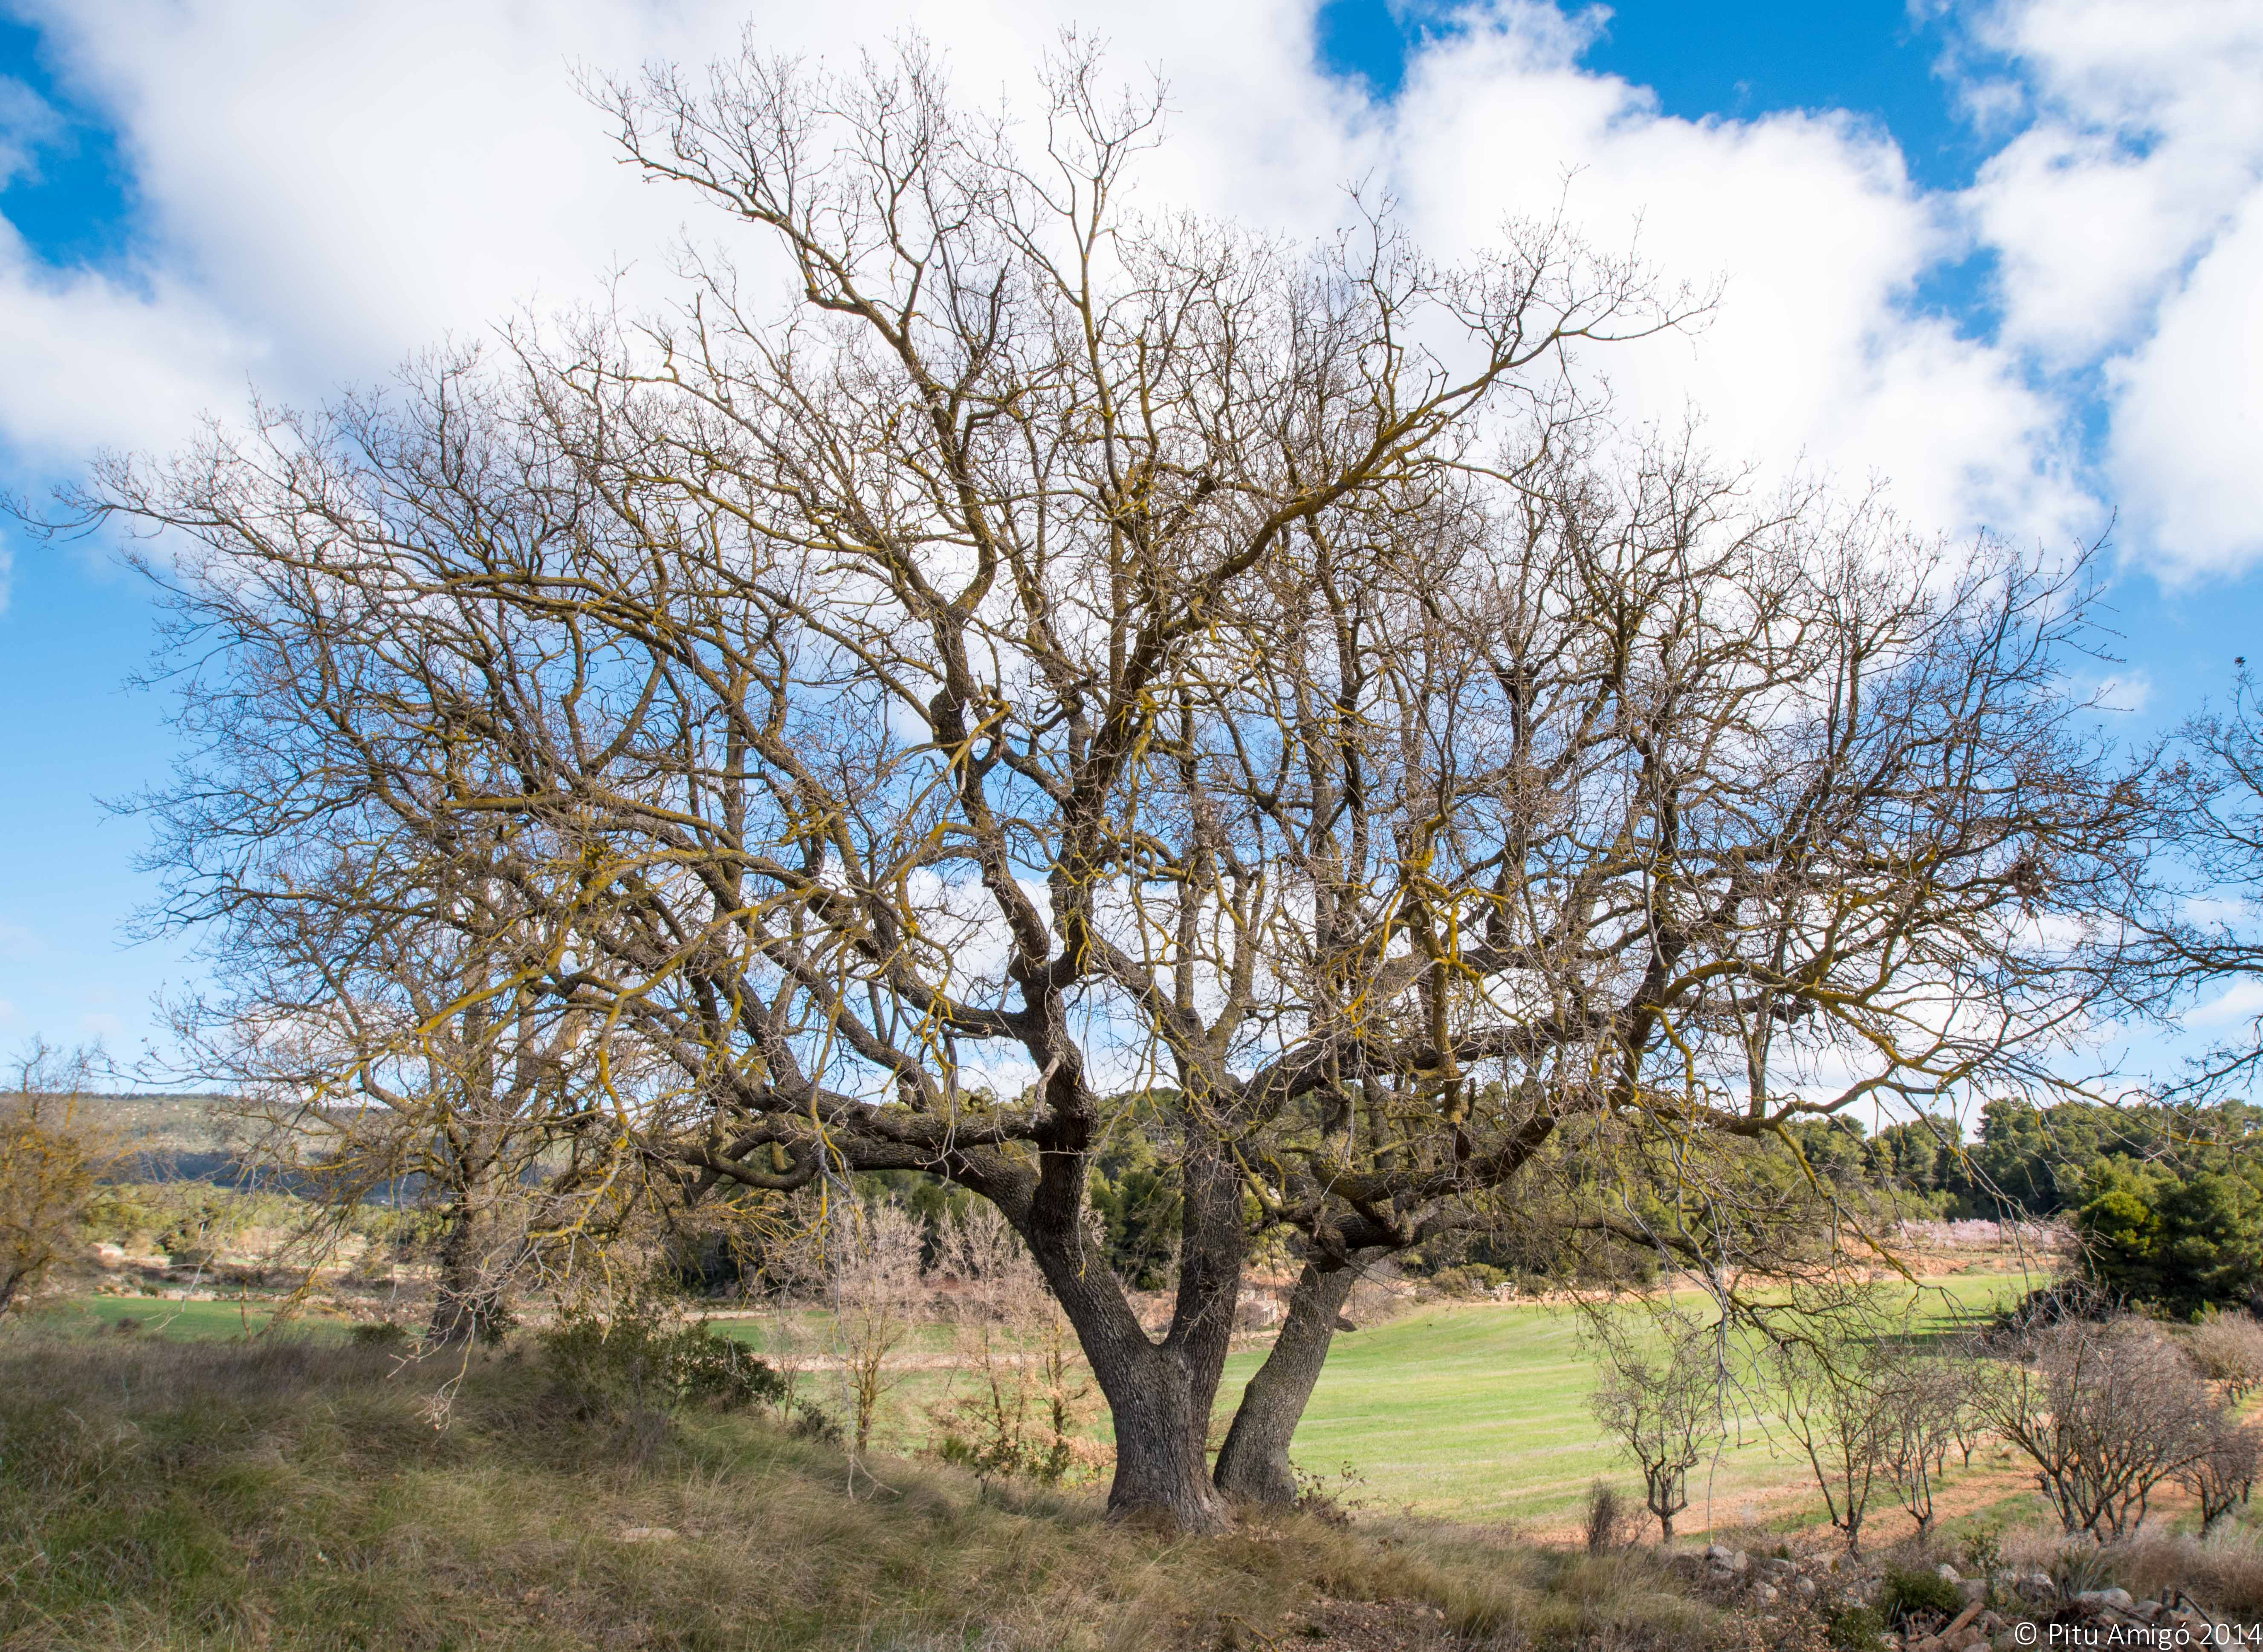 Rebolls del mas dels Frares, Quercus faginea valentianea, l'Espluga de Francolí. Arbres singulars